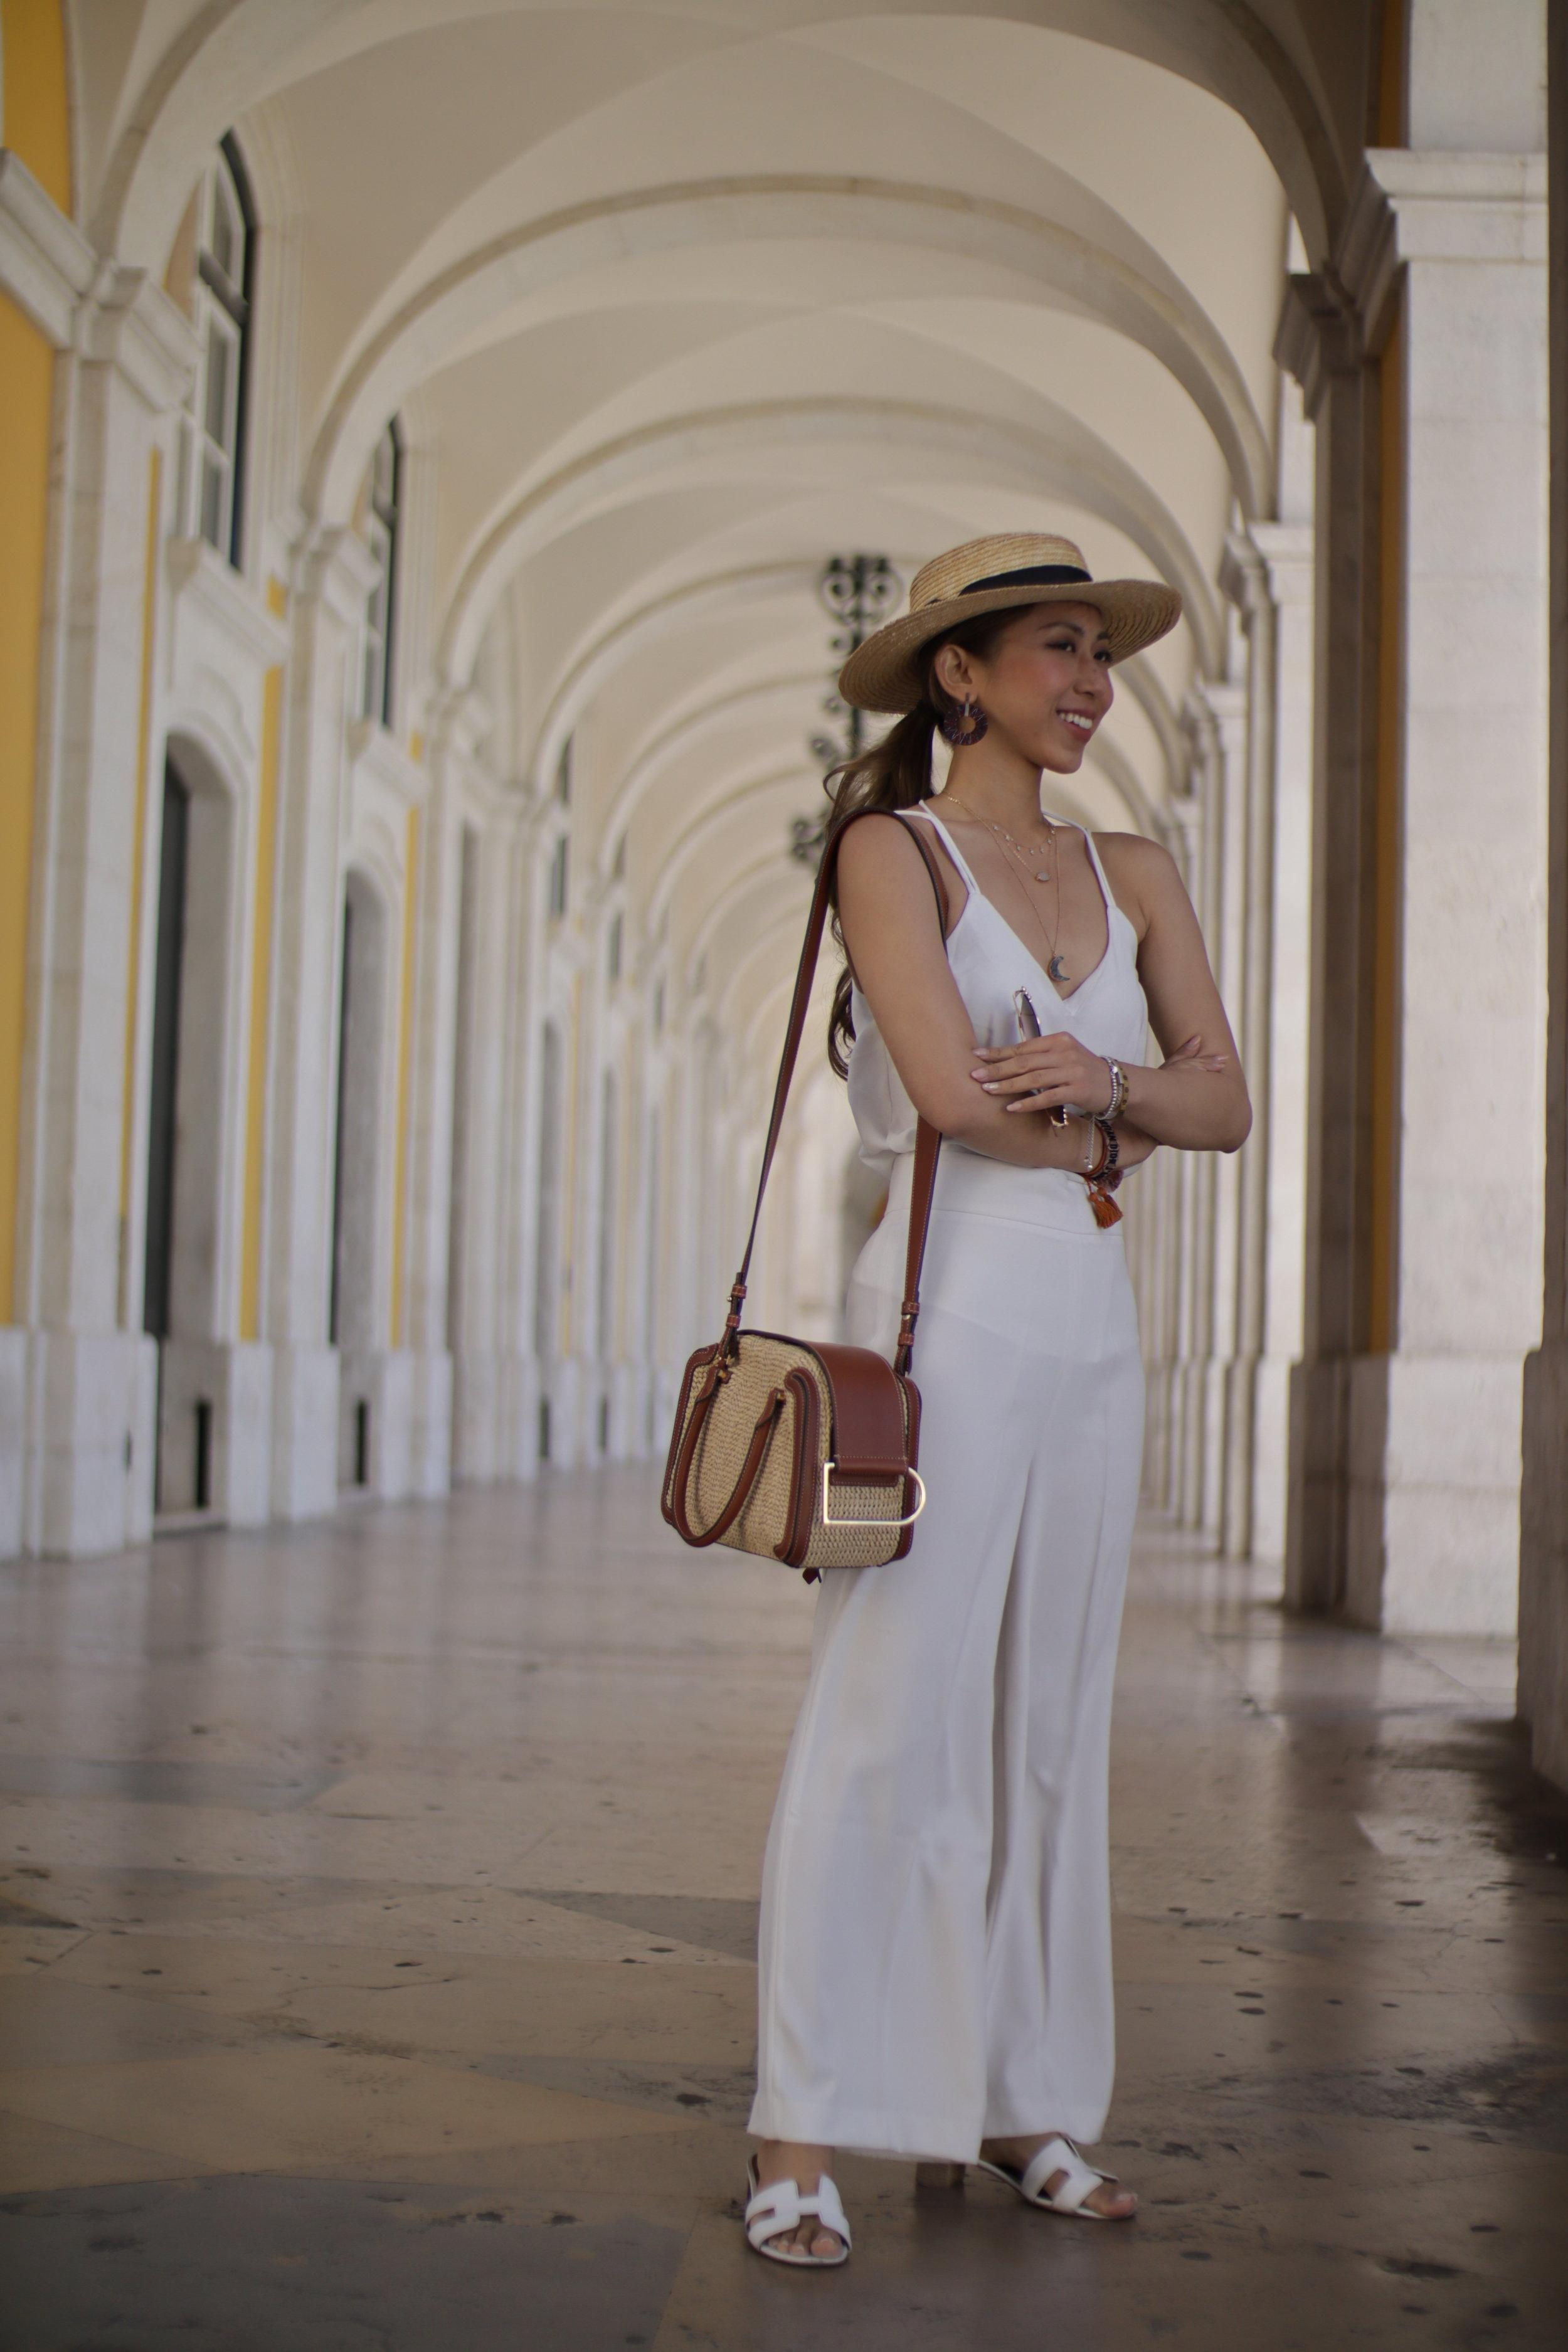 #FollowDearPostmanTo Lisbon: Travel Lookbook